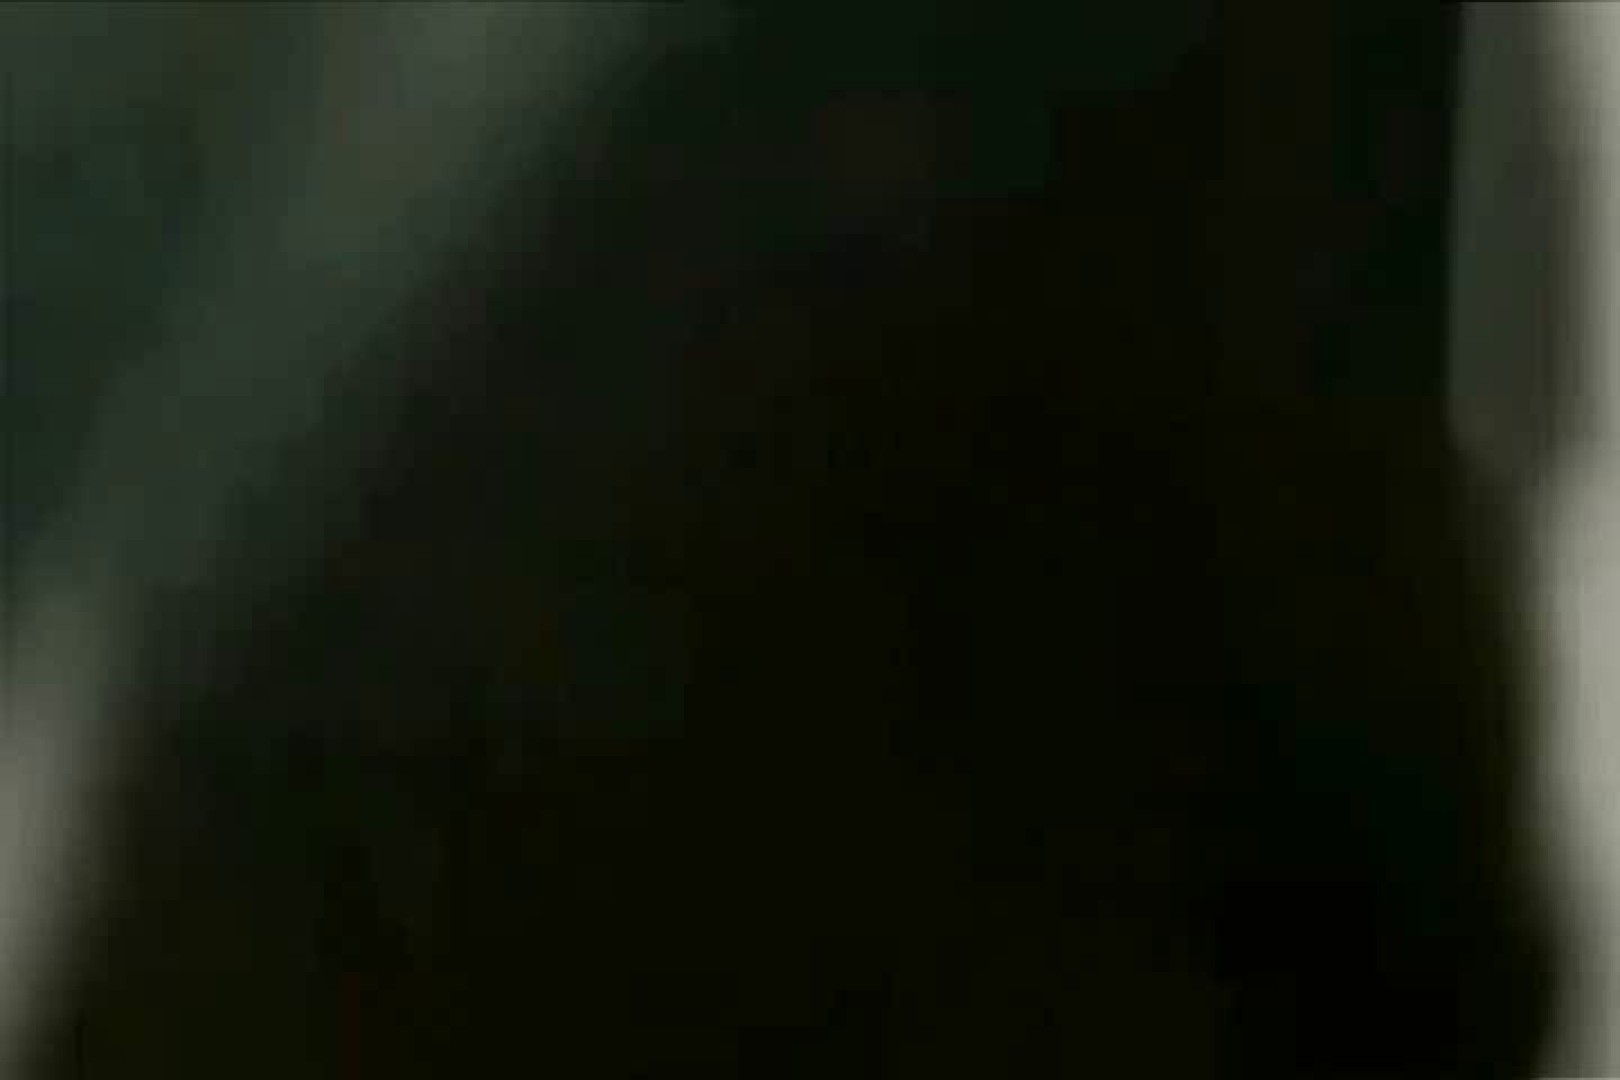 ぼっとん洗面所スペシャルVol.10 おまんこ無修正 | OLセックス  61画像 41